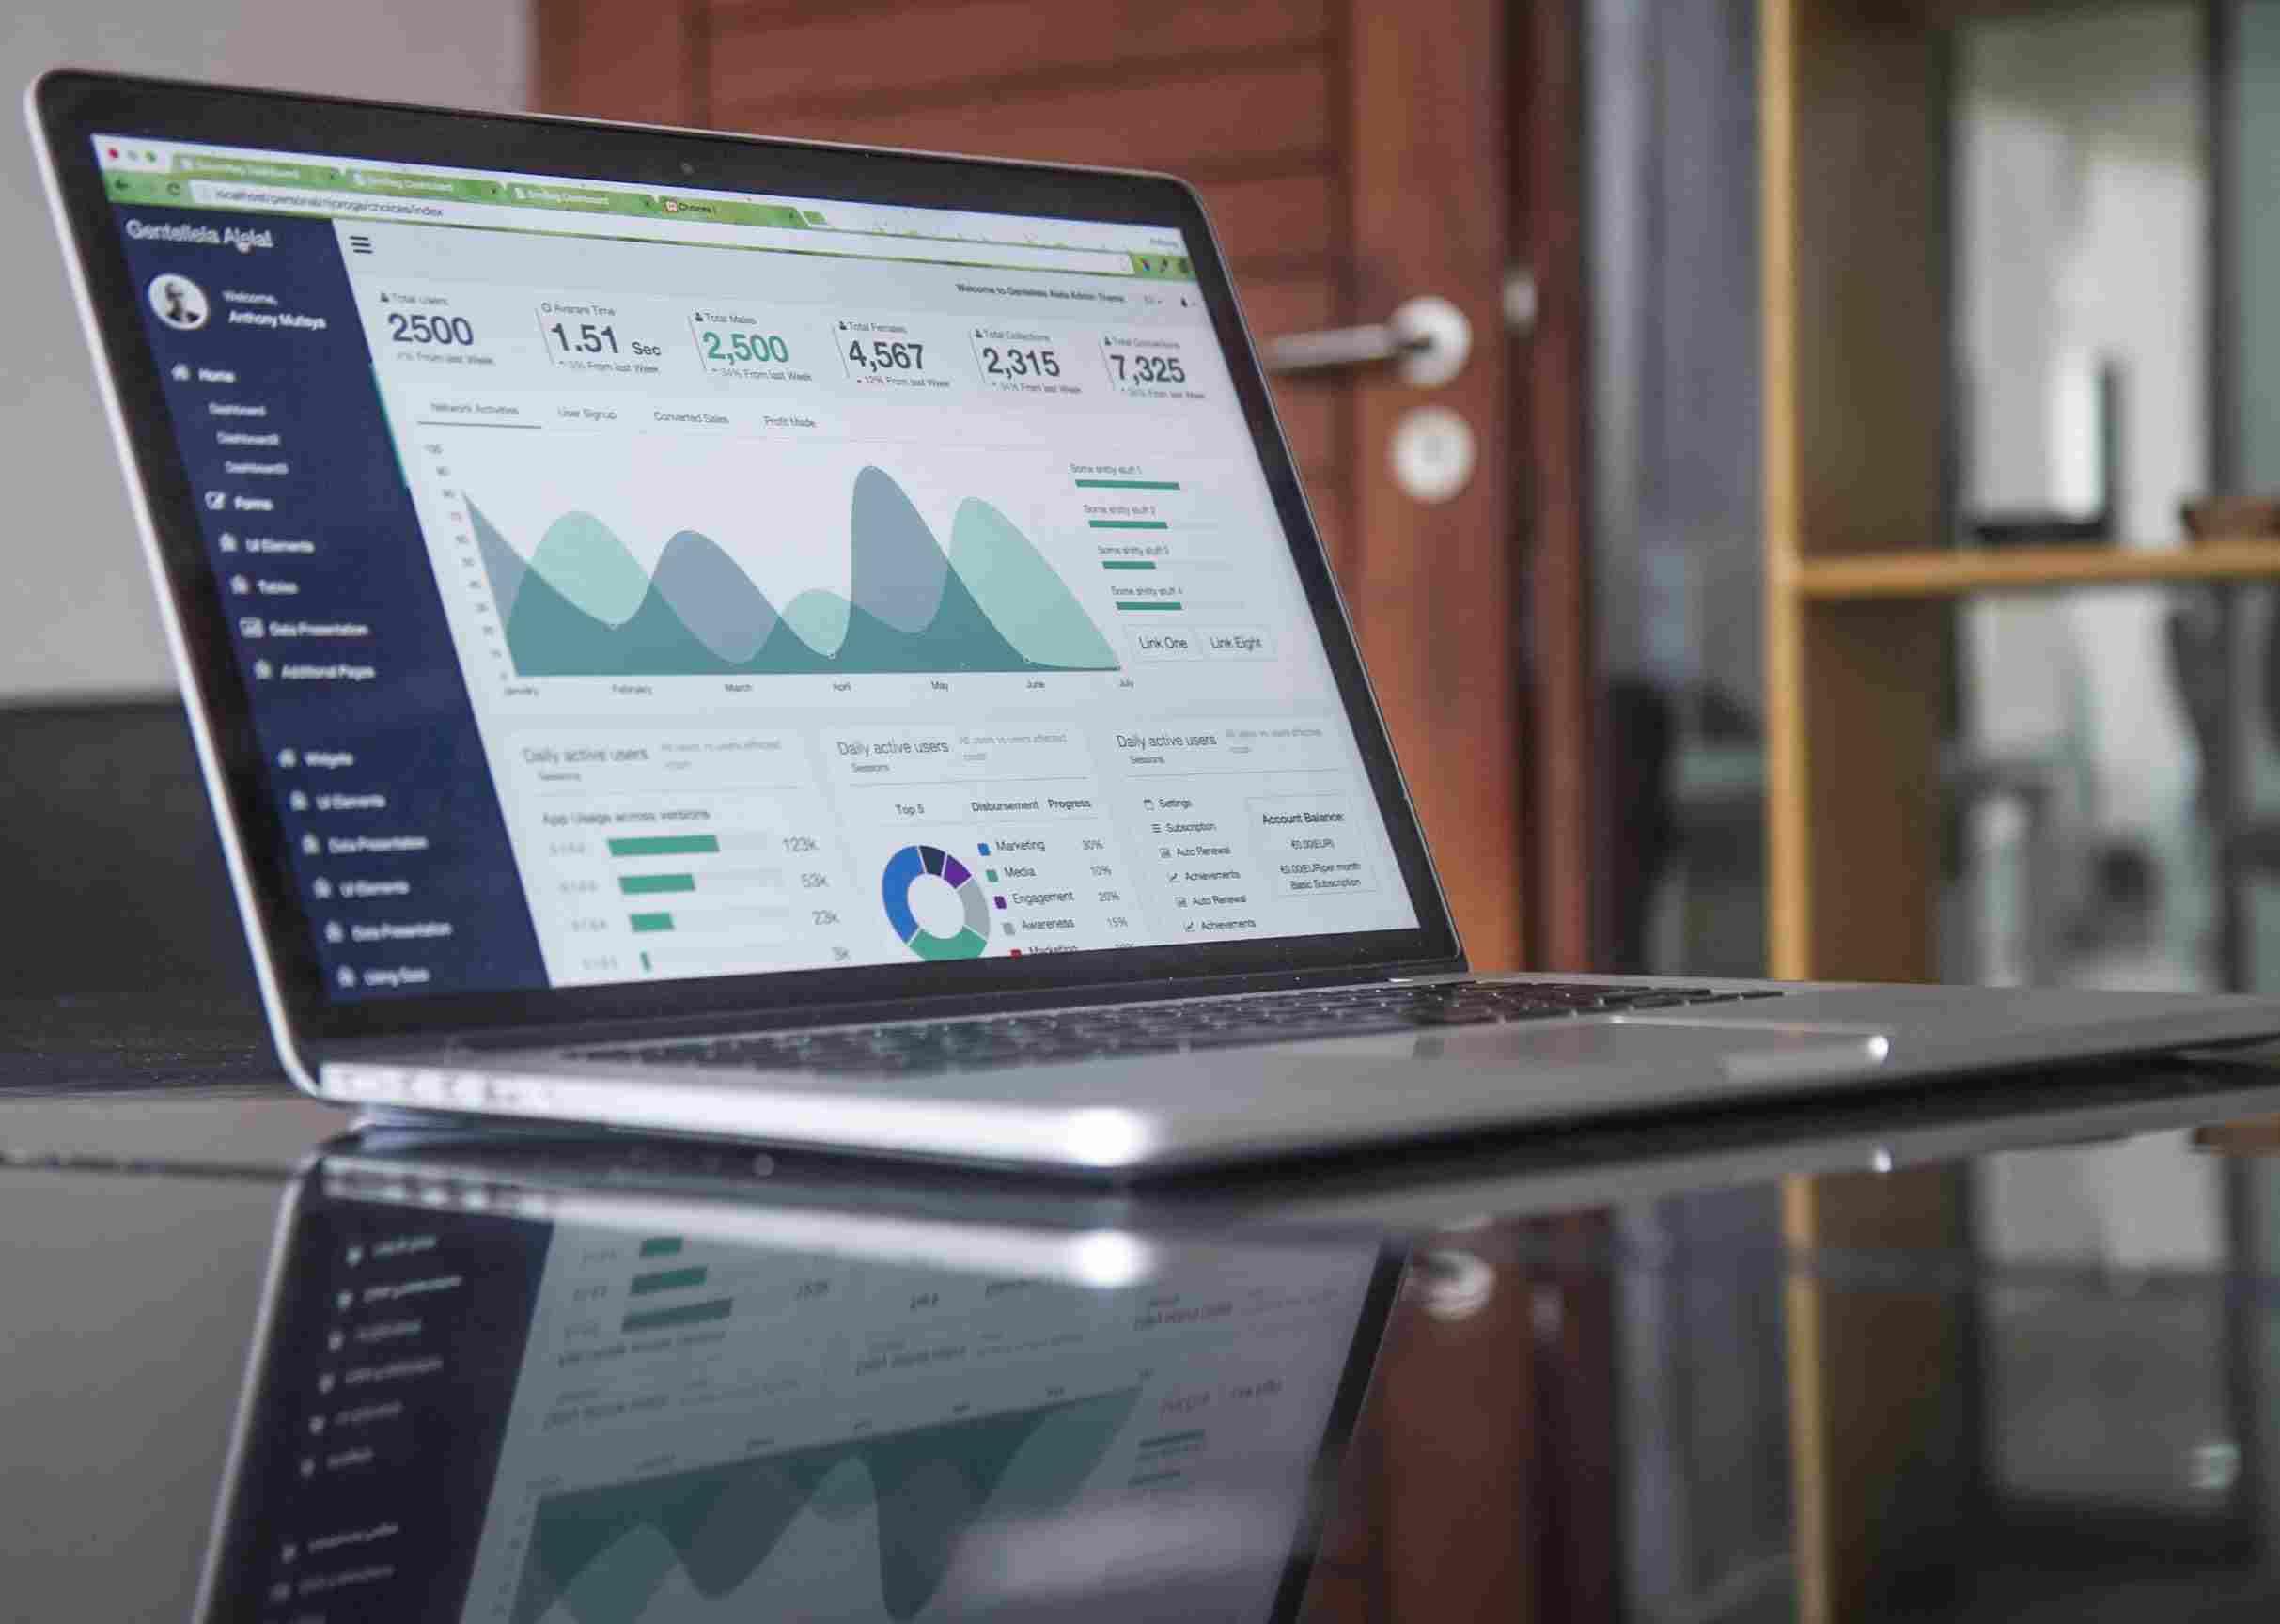 Image of a laptop showing algorithms